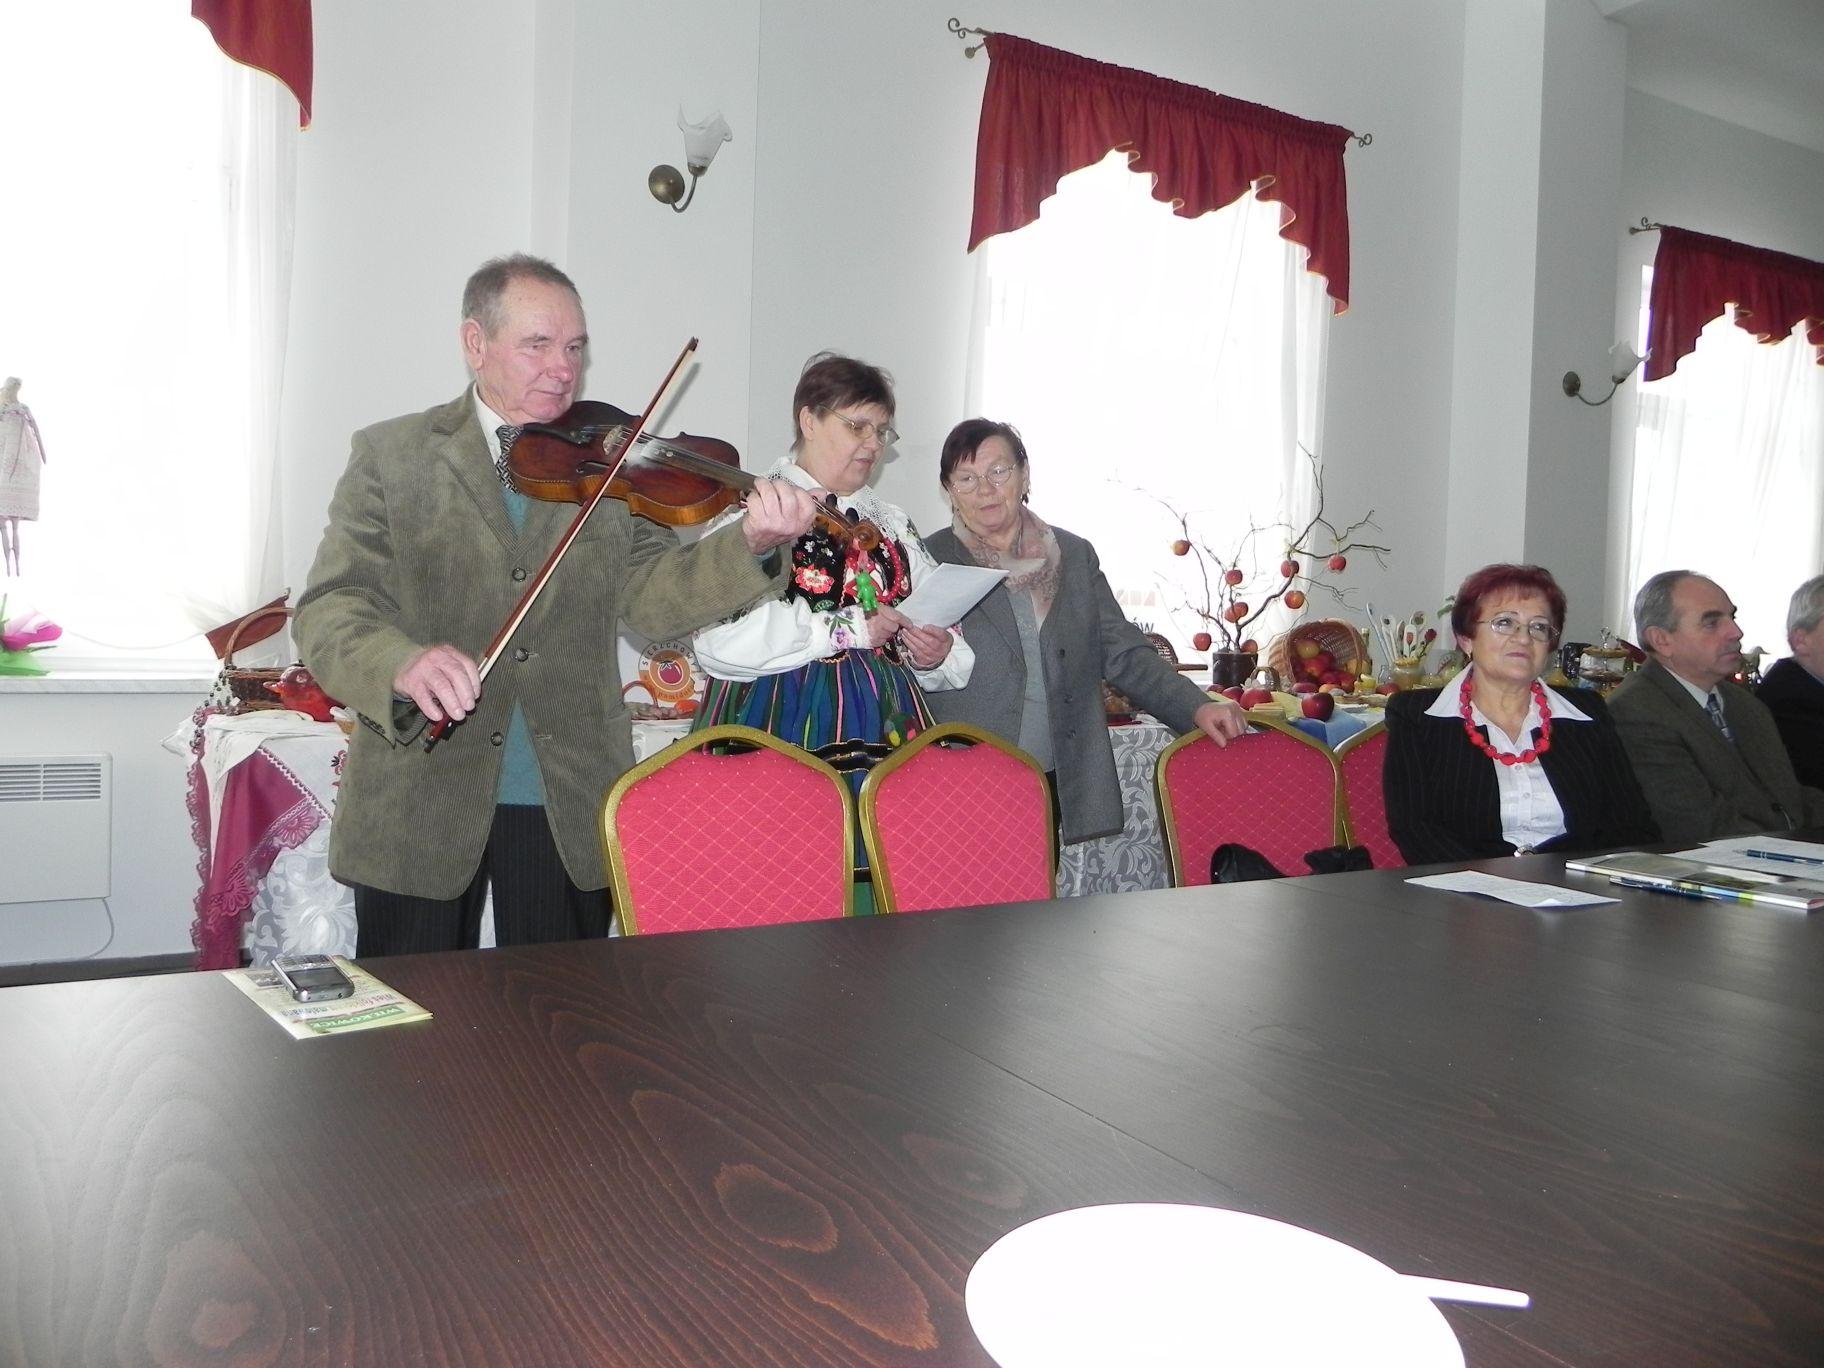 2012-12-14 Wilkowice - Konferencja Wioski tematyczne (116)